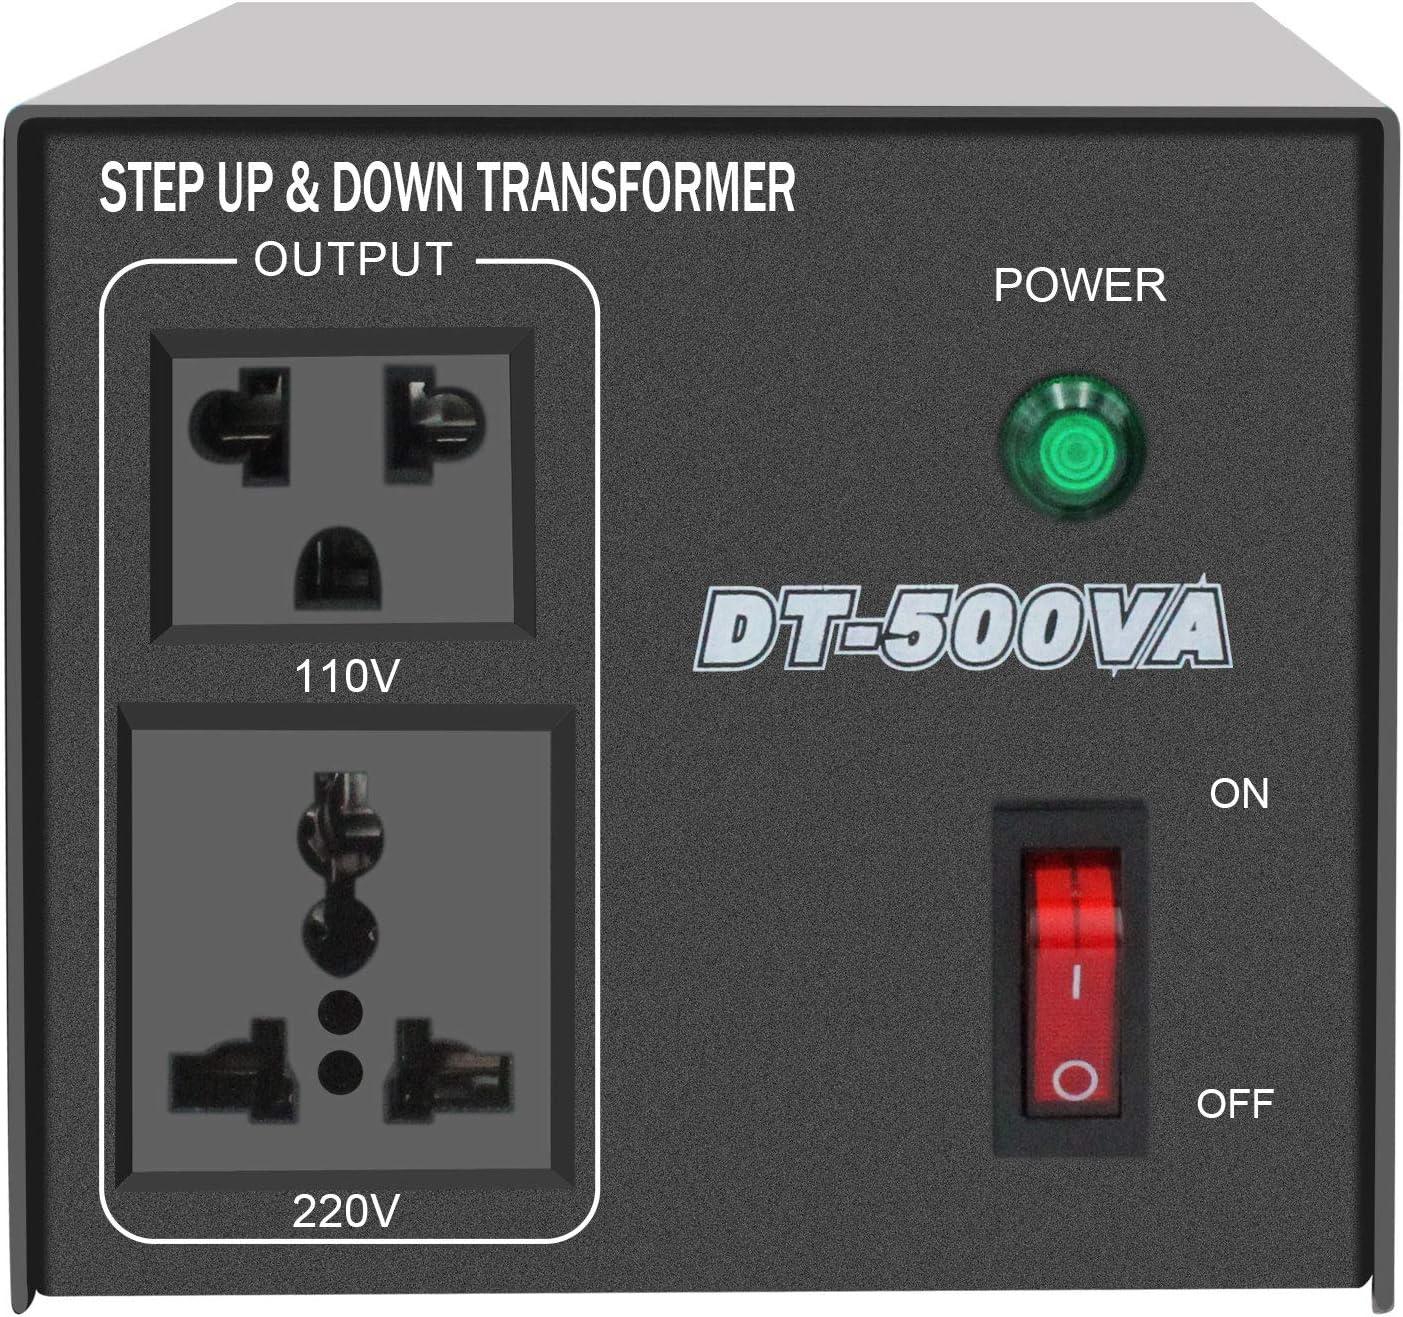 Yinleader 500W Voltage Transformer Power Converter(220V to 110V, 110V to 220V) Step Up/Down Converter 110/120 Volt - 220/240 Volt